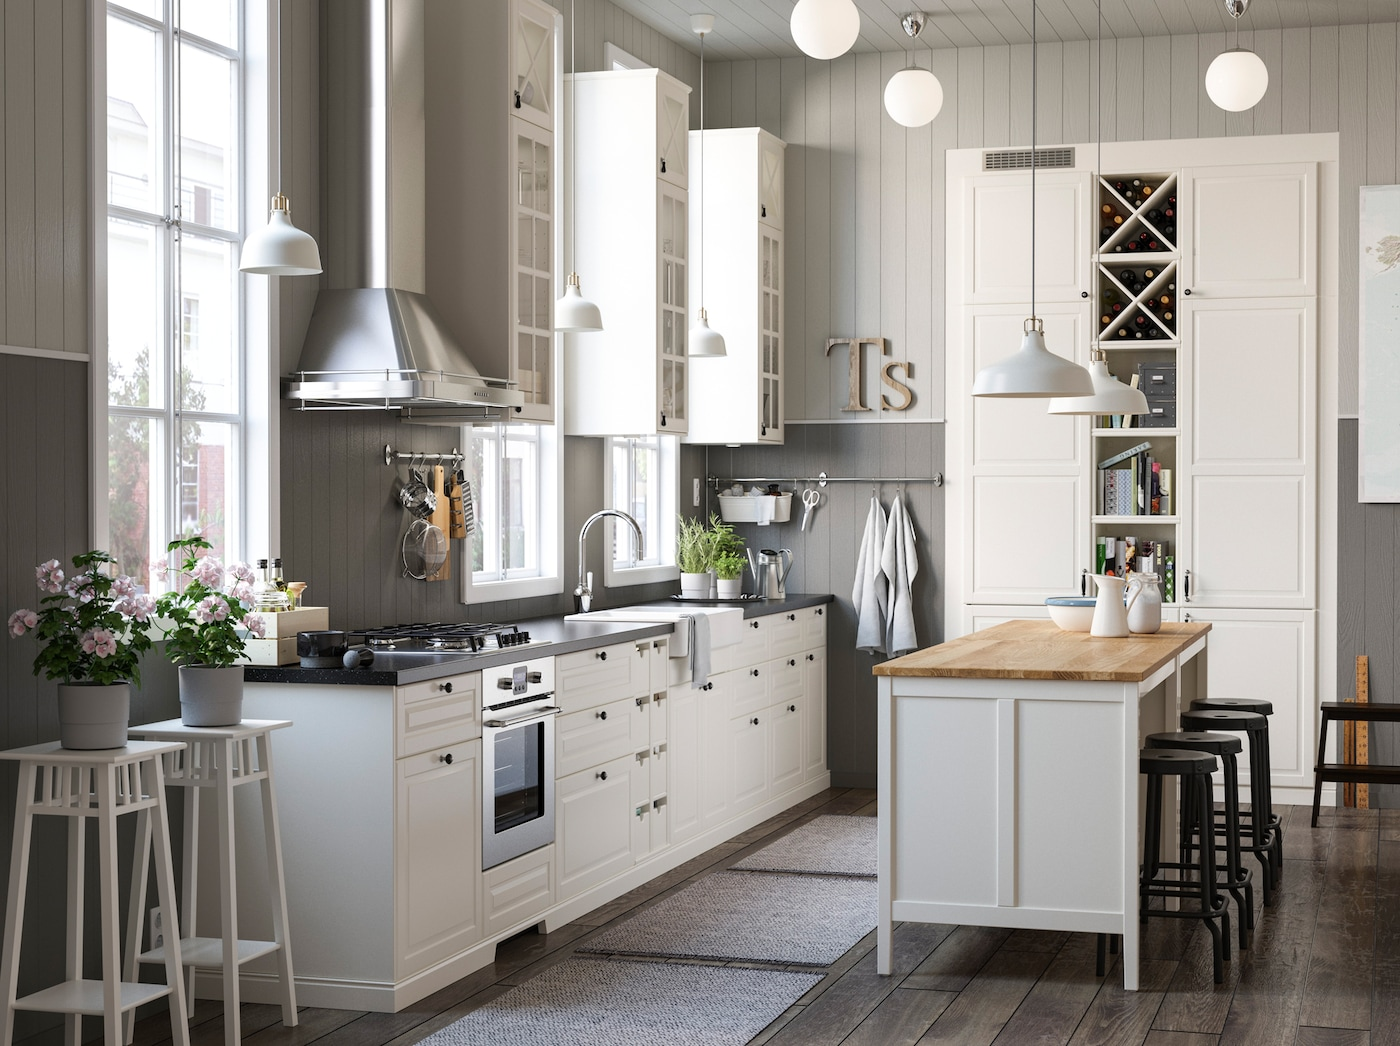 TORNVIKEN مجموعة المطابخ من ايكيا توفر لك تخزين المطبخ المغلق والمفتوح باللون الأبيض من الرفوف والخزائن مختلفة الأحجام لتناسب احتياجات مطبخك.